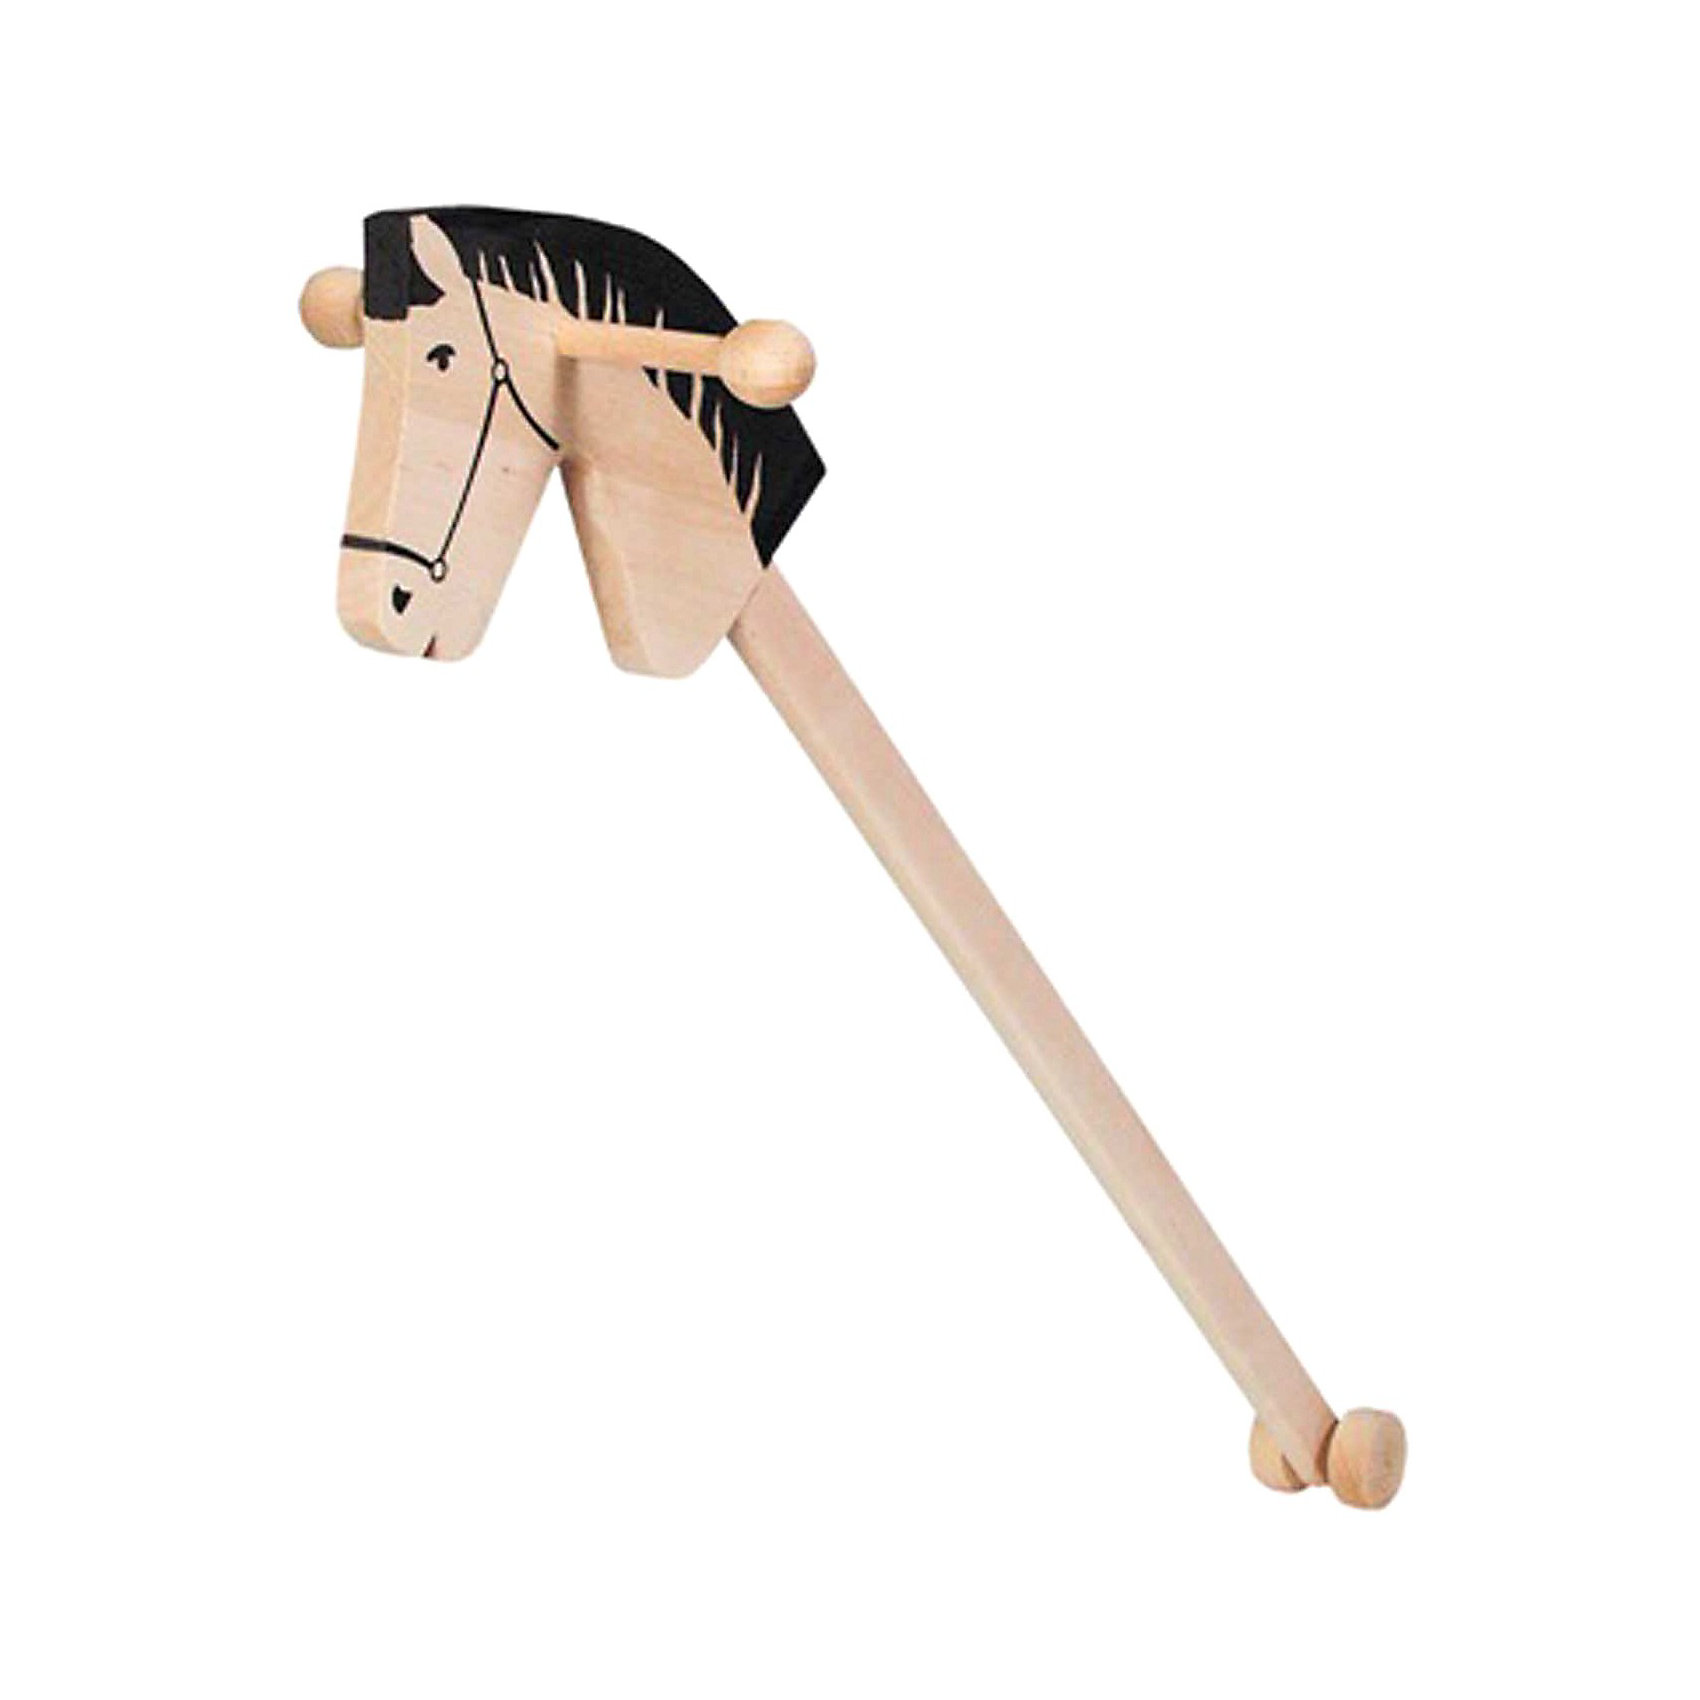 Лошадка-каталка на палке, gokiСюжетно-ролевые игры<br>Лошадка-каталка на палке, goki (гоки) – это классическая забава для мальчиков и девочек.<br>Резвая лошадка-каталка на палке, от GOKI (ГОКИ) из натурального дерева быстро домчит вашего малыша куда угодно. Можно играть в рыцарей, древних воинов, индейцев, принцев и принцесс. Благодаря двум маленьким колесикам на конце палки, лошадка не будет царапать пол. А две удобные ручки на голове игрушки помогут ребенку зафиксировать лошадку между ног в нужном положении. Ваш карапуз, как только увидит это чудо, сразу же оседлает своего нового друга и не захочет расставаться с новой игрушкой ни на минуту! Деревянная каталка Лошадка абсолютно безопасна для здоровья вашего малыша. <br><br>Дополнительная информация:<br><br>- Высота: 82 см.<br>- Материал: массив бука<br><br>Лошадку-каталку на палке, goki (гоки) можно купить в нашем интернет-магазине.<br><br>Ширина мм: 100<br>Глубина мм: 200<br>Высота мм: 300<br>Вес г: 500<br>Возраст от месяцев: 24<br>Возраст до месяцев: 72<br>Пол: Унисекс<br>Возраст: Детский<br>SKU: 3561268